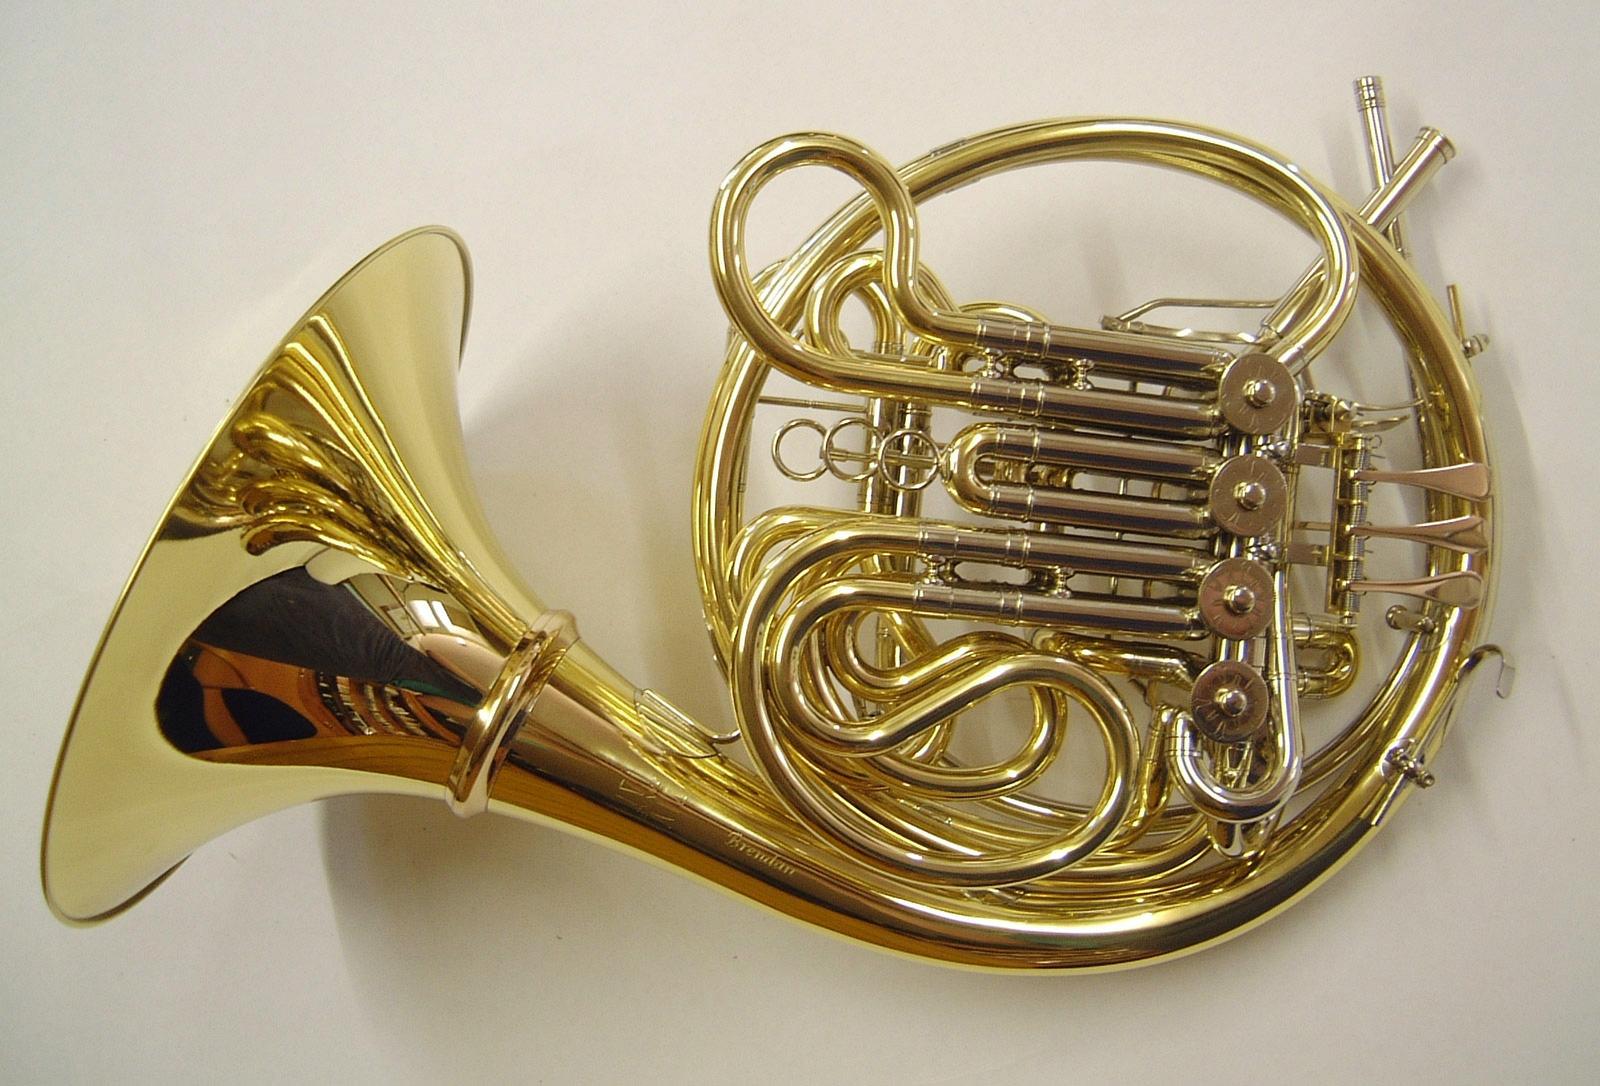 finkehorns-triplehorn-finke-horn